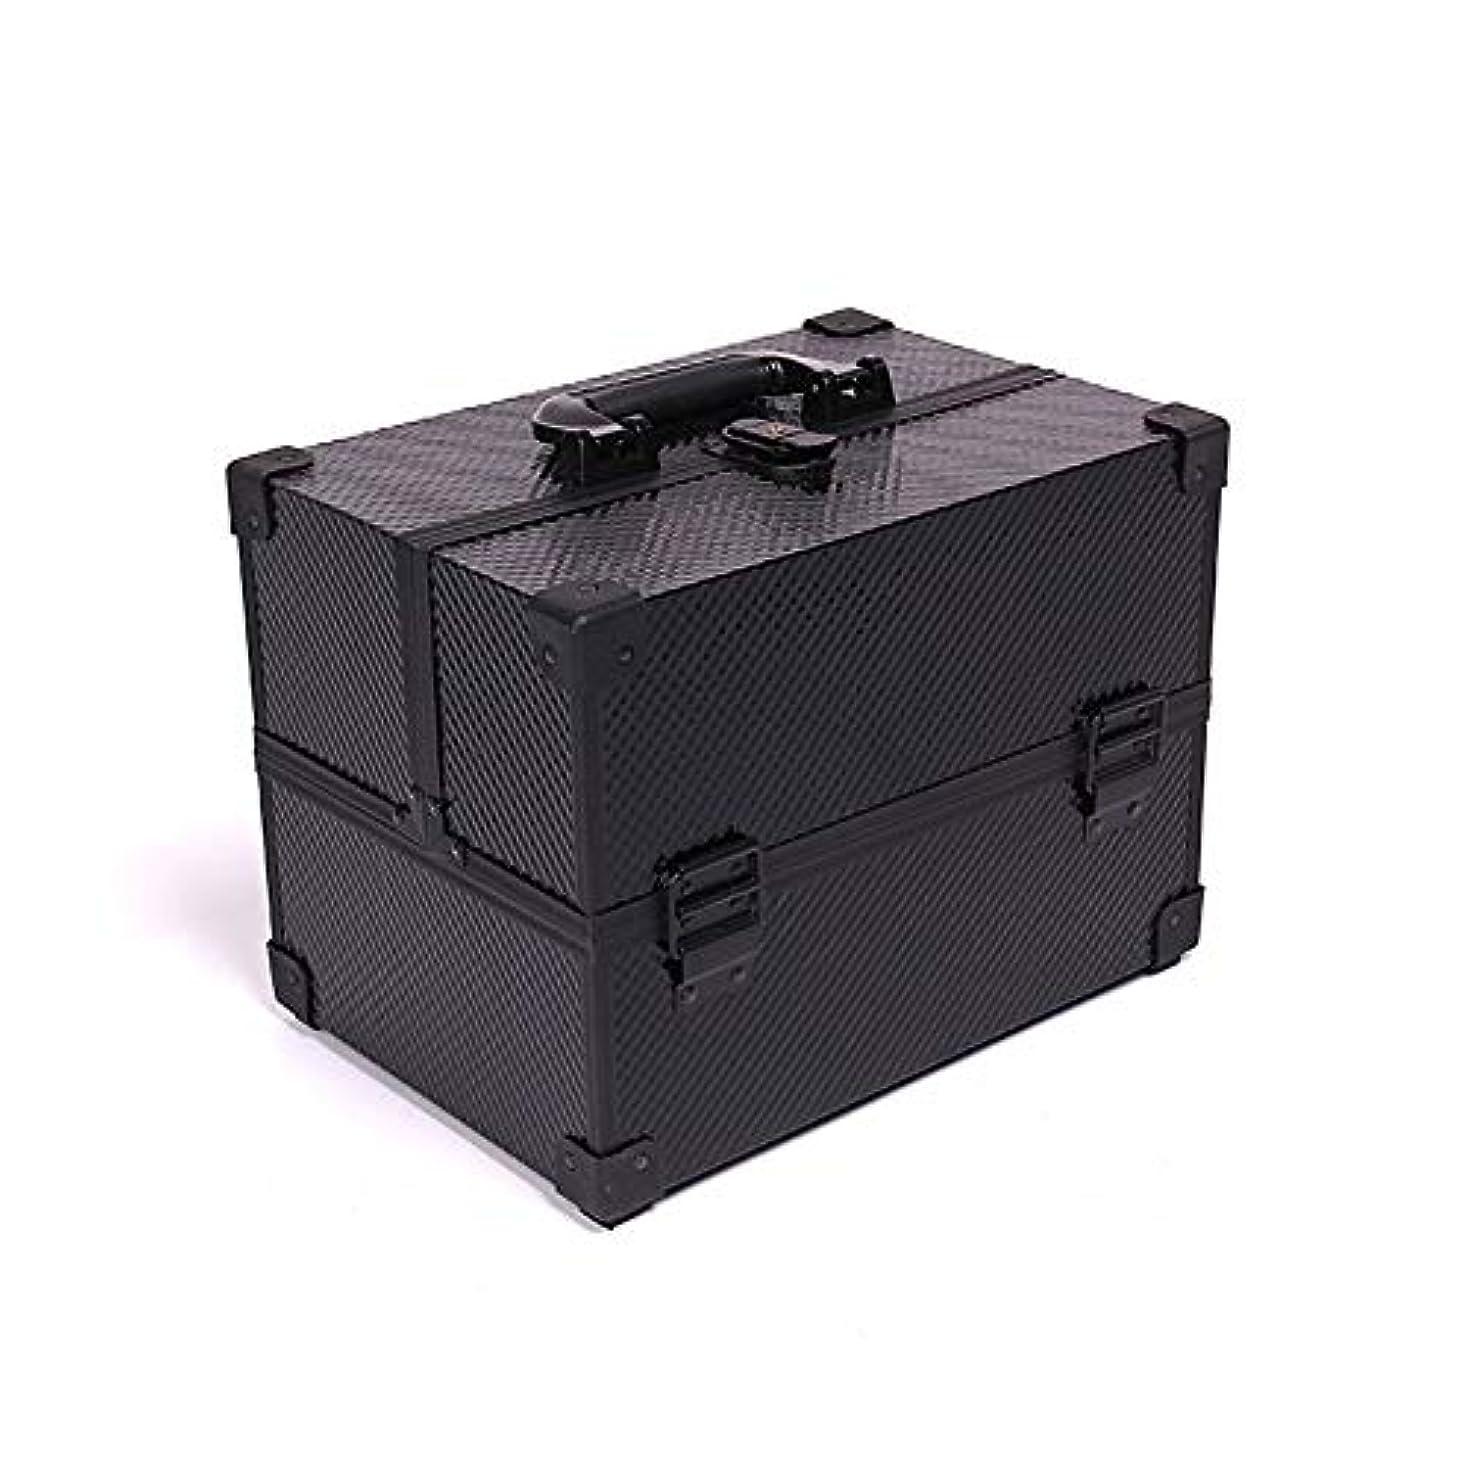 合体ダンプ第二に化粧オーガナイザーバッグ メイクアップボックスアルミケース美容ボックス美容化粧品フェイクレザーブラック 化粧品ケース